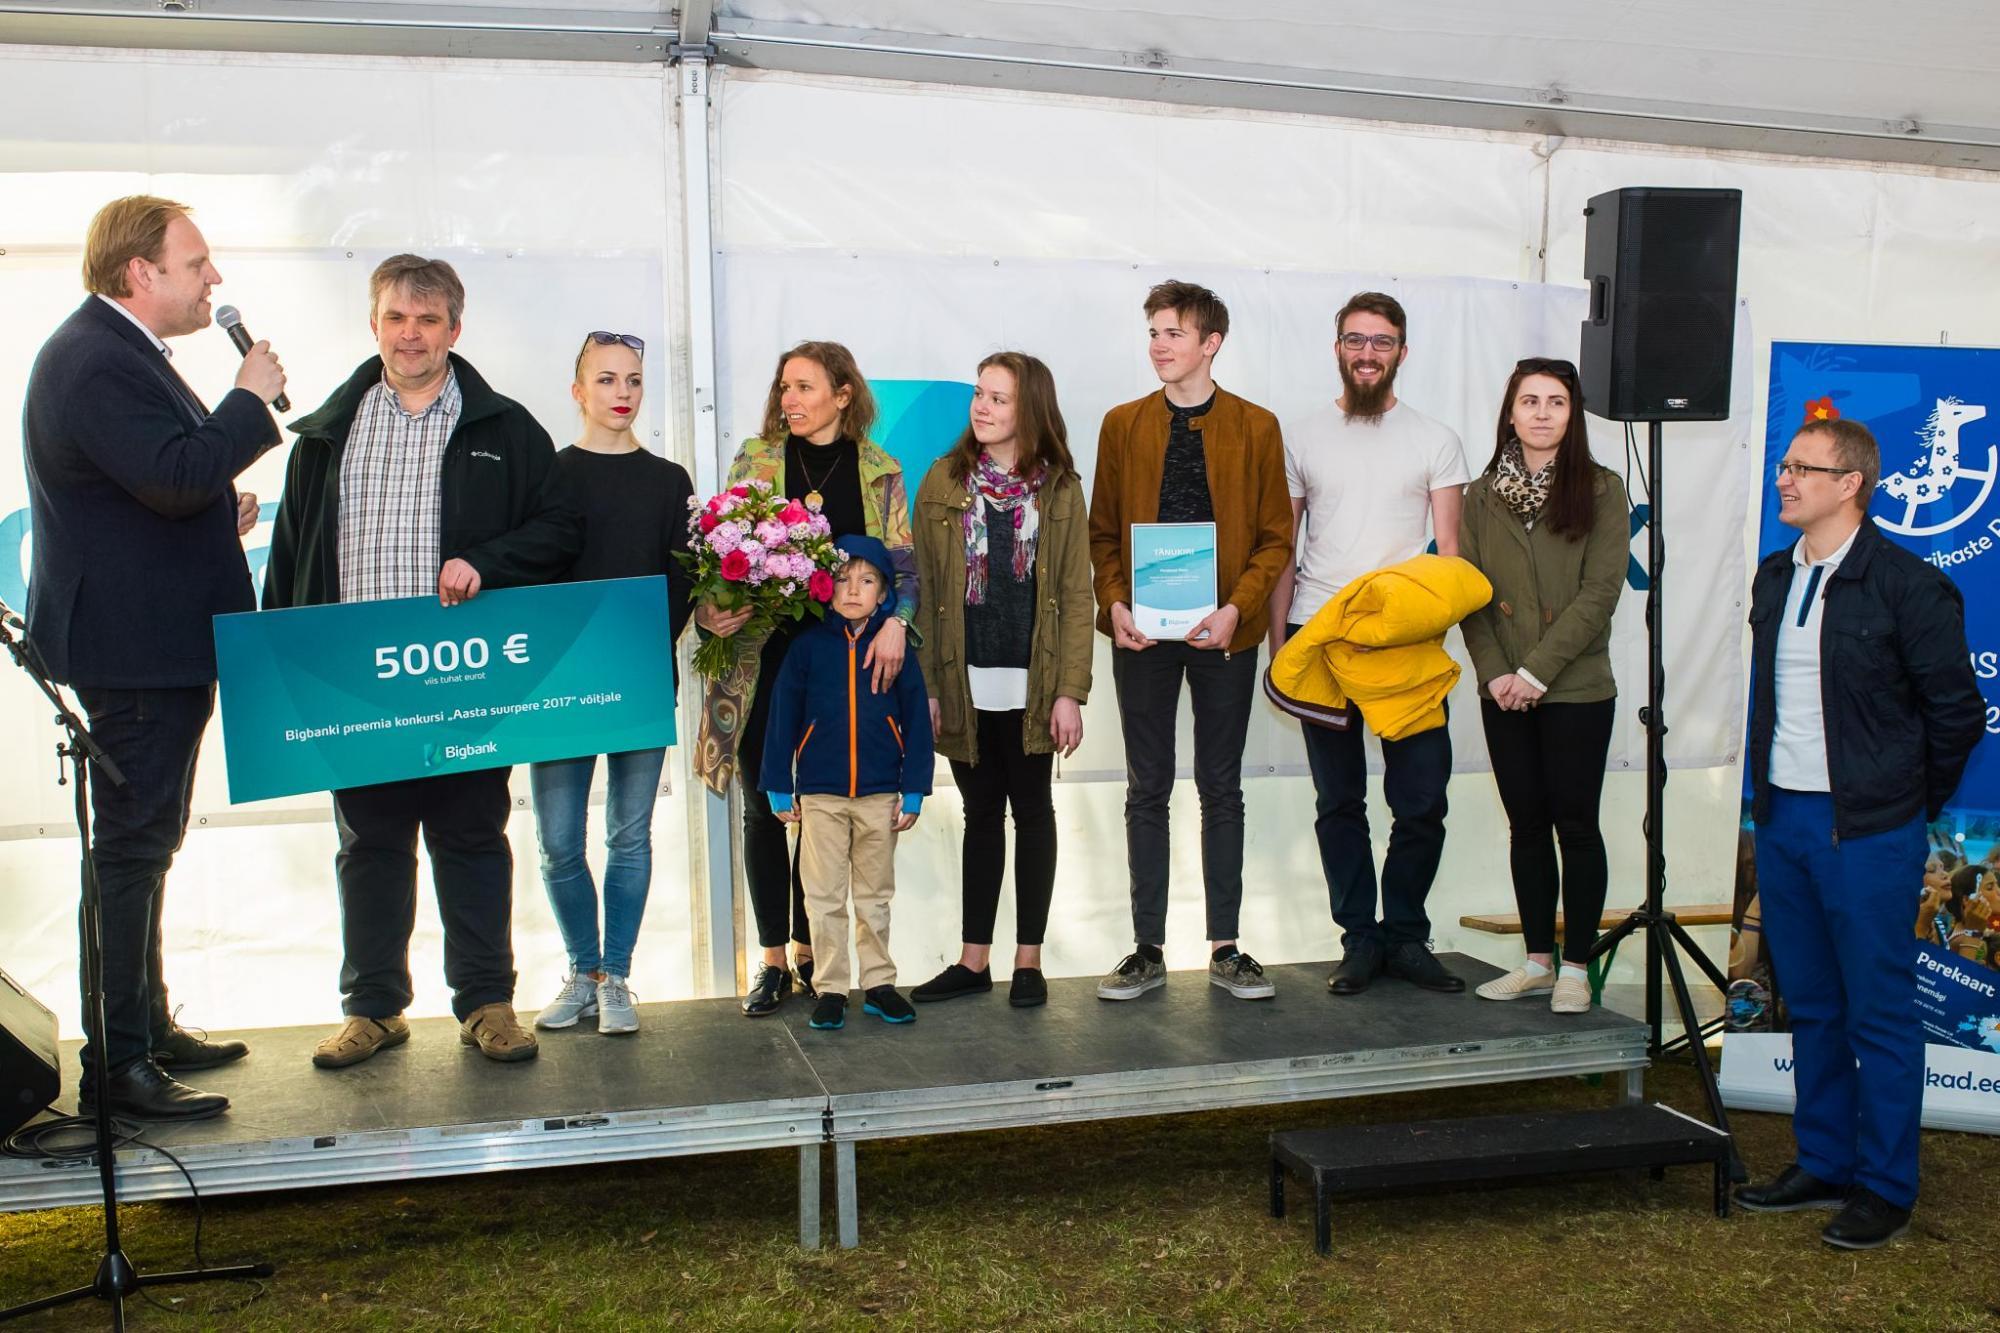 Aasta Suurpere 2017! 5000-eurose preemia ja perereisi Kreekasse võitis viielapseline perekond Muru Tartust